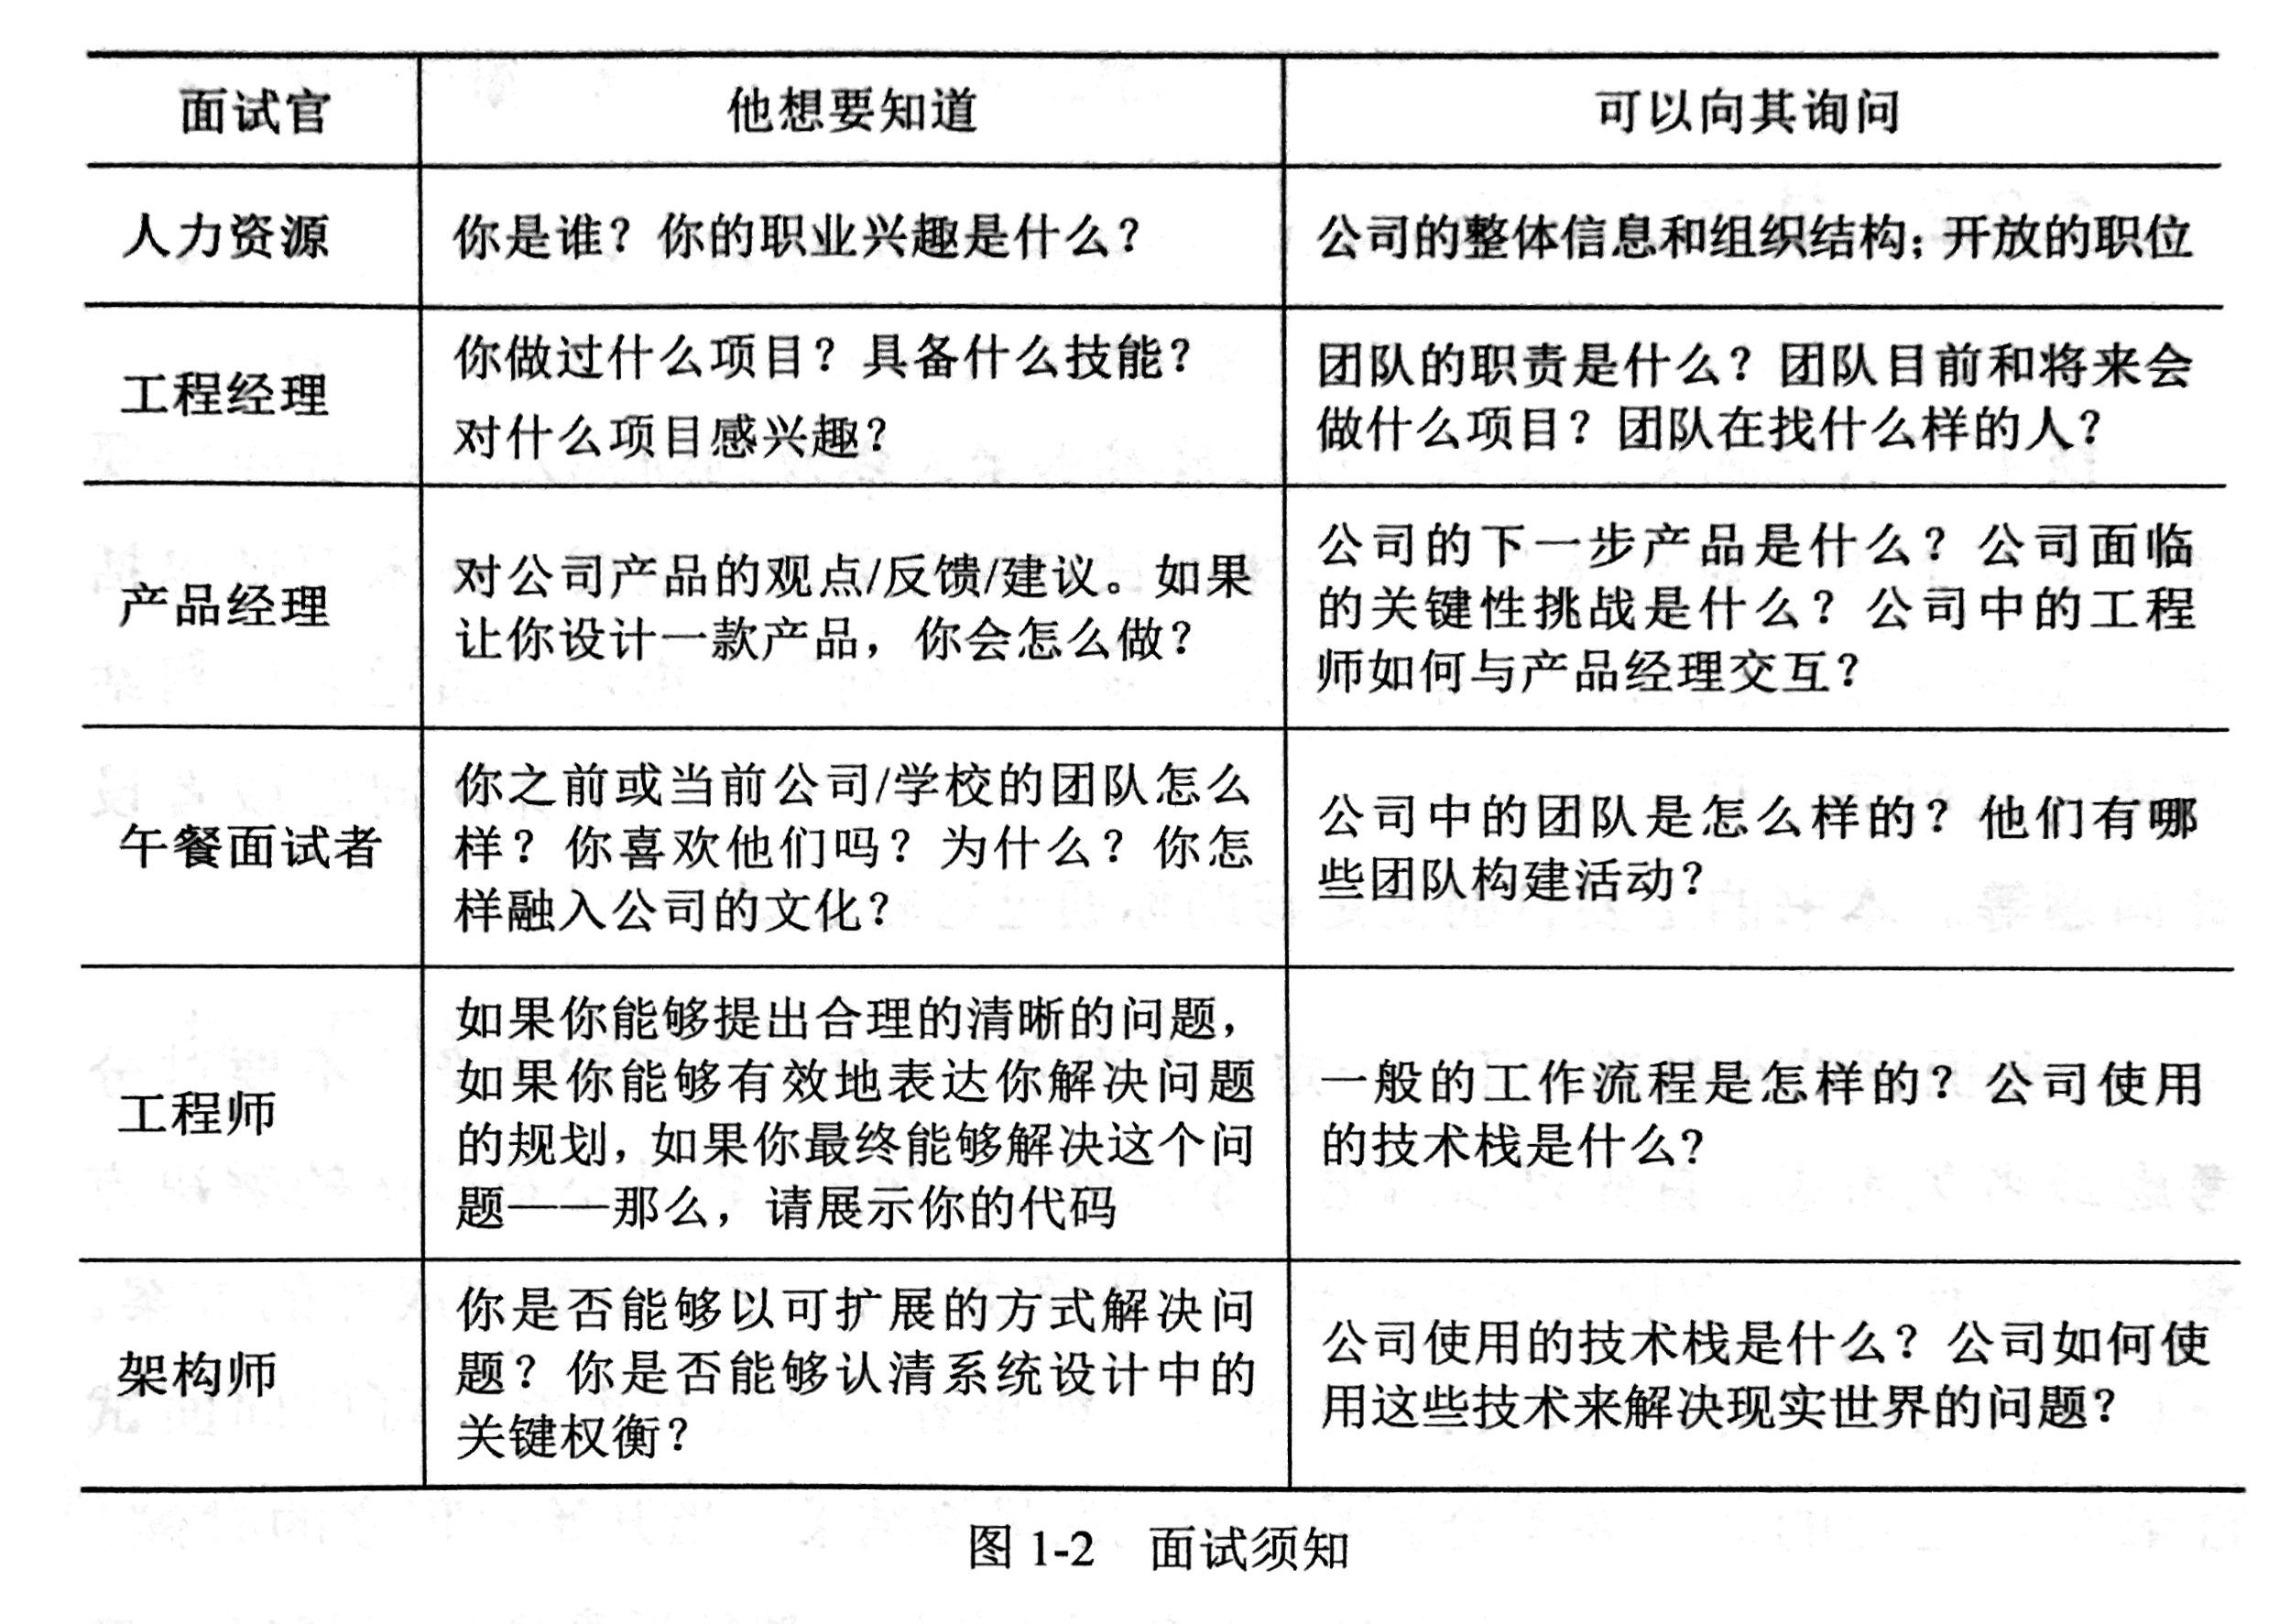 20180514_面试须知by《程序员面试白皮书》.jpg